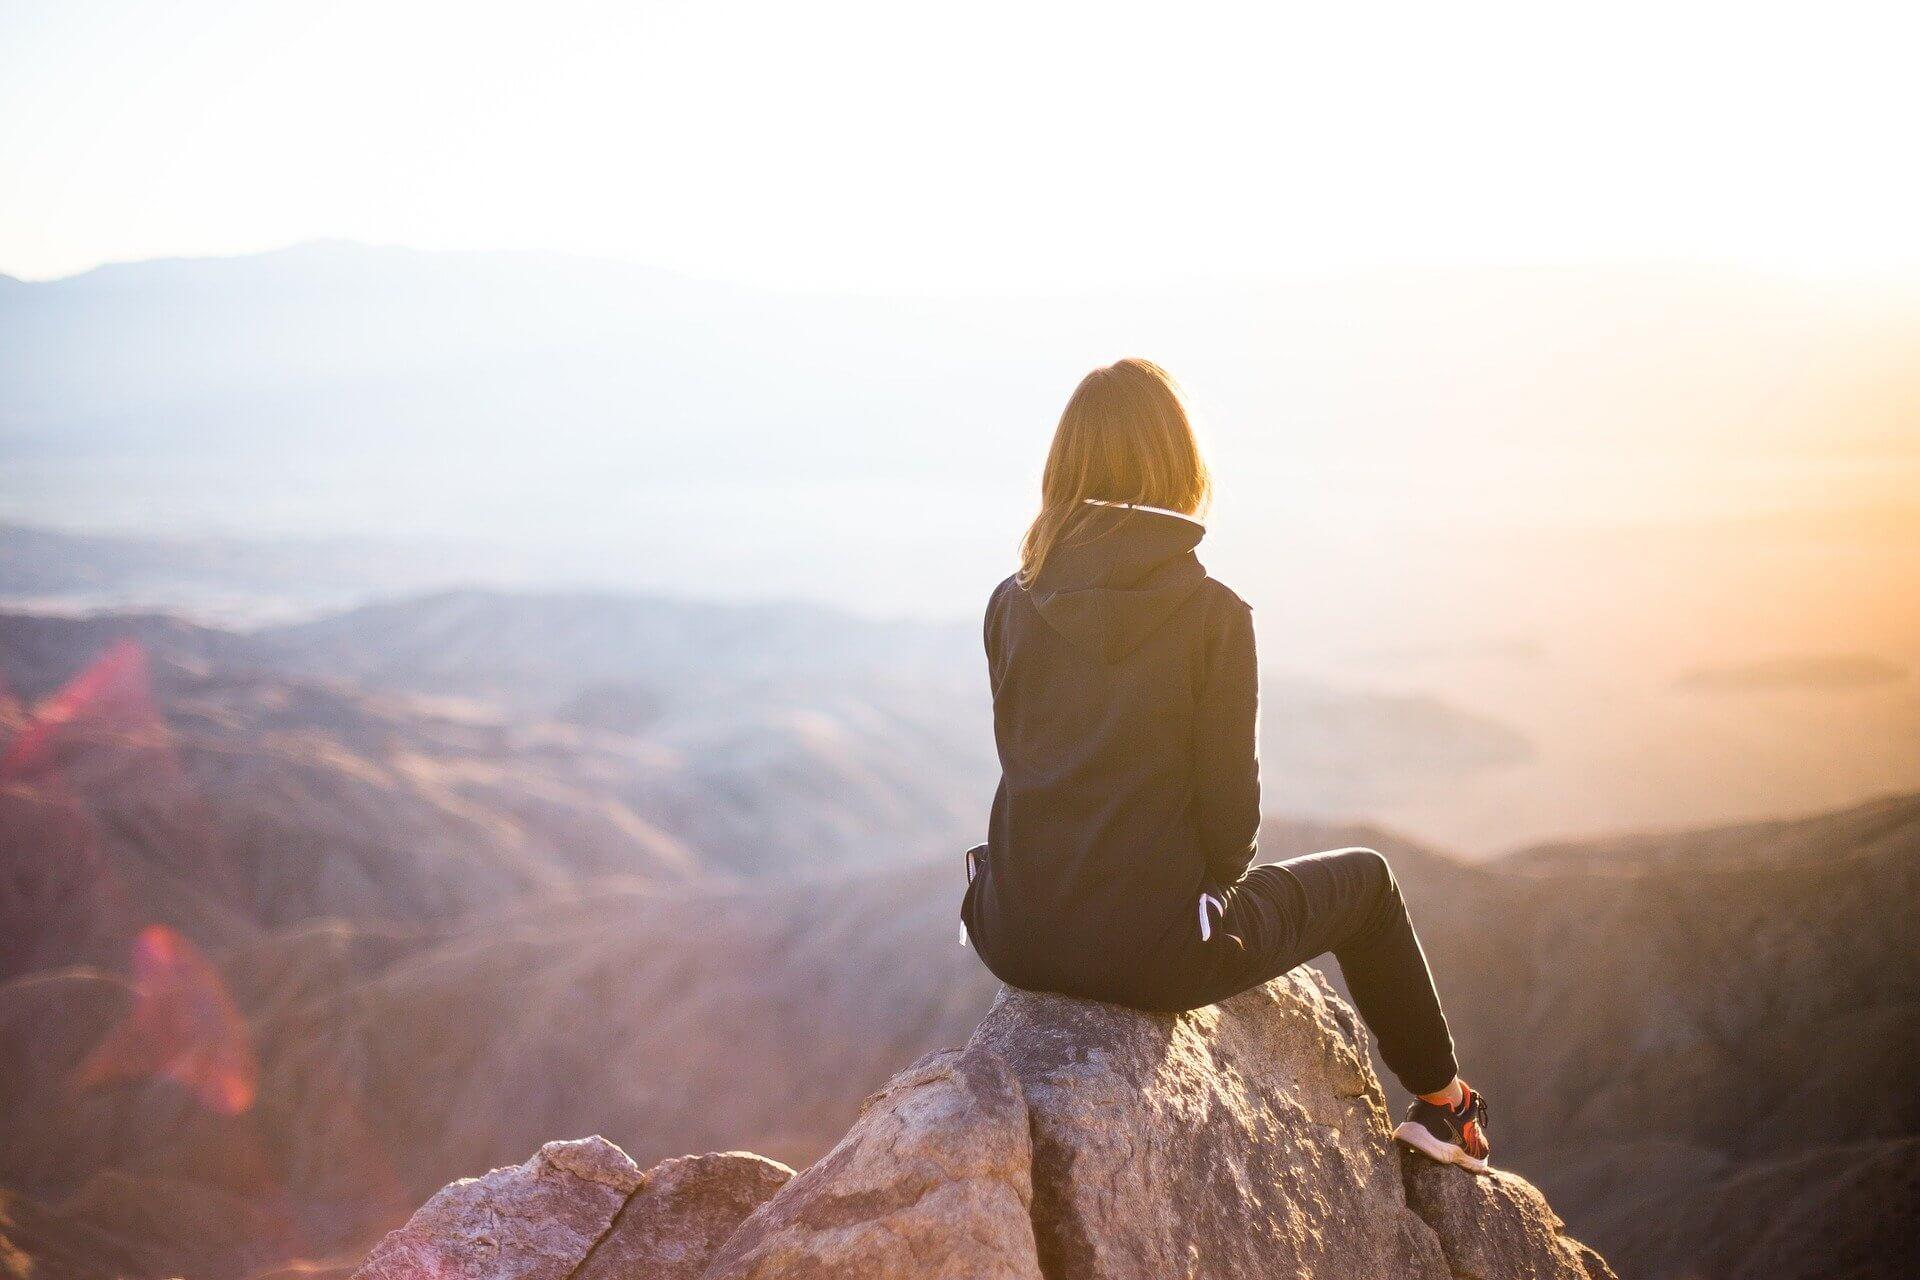 podróże, podróżowanie, wakacje, czas wolny, psychologia, morze, góry, wyjazd, nieśmiałość, wakacje za granicą, turysta, turystyka